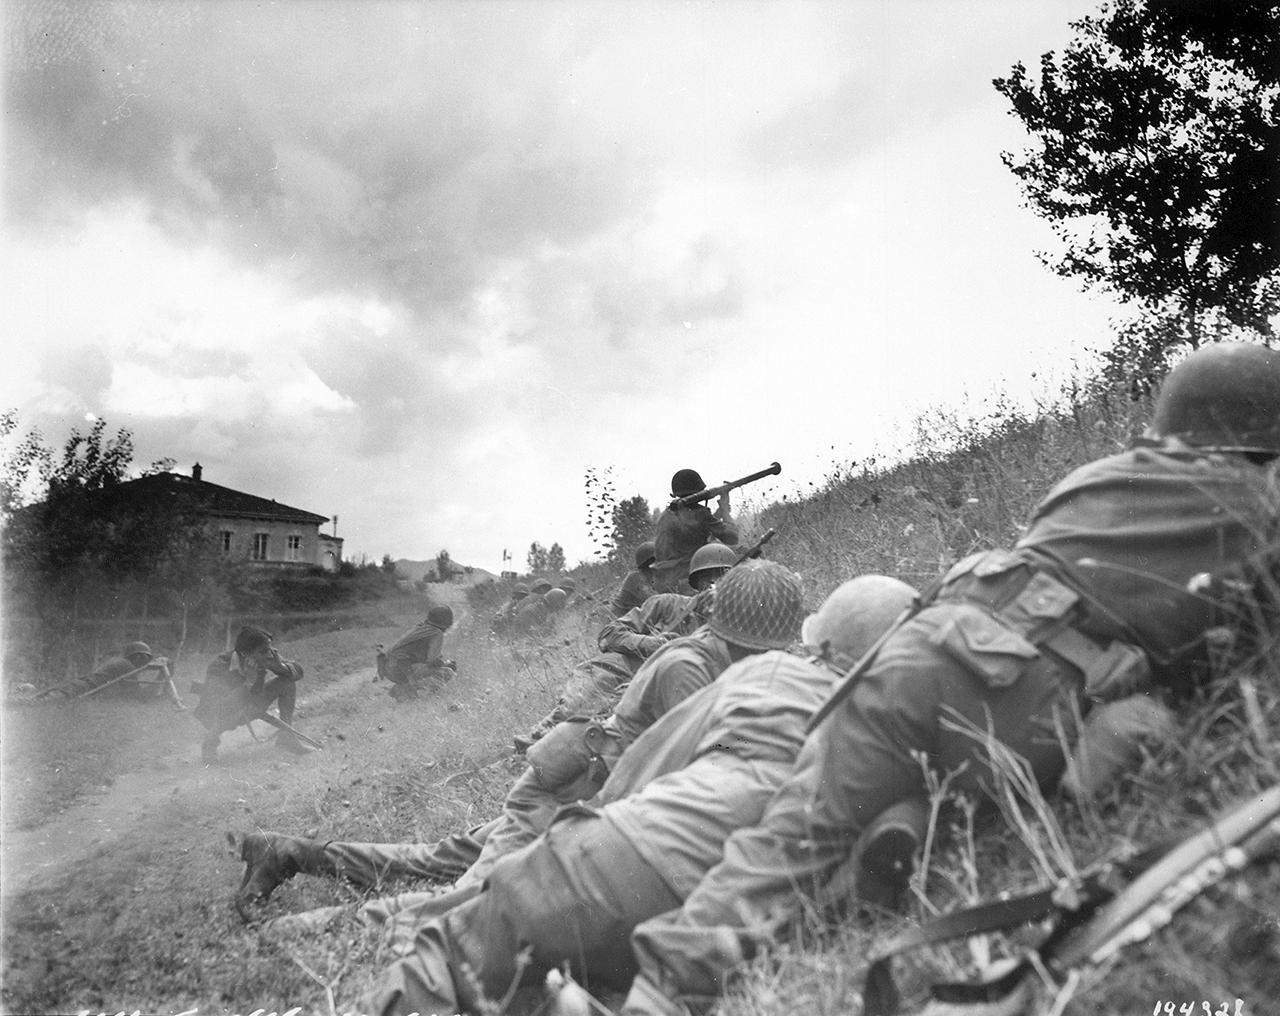 Luccaitaly1944 M9 - Lors d'un affrontement près de Lucca (Italie), le 7 septembre 1944. Le soldat tire sur un nid de mitrailleuses à  à peu près 270 metres